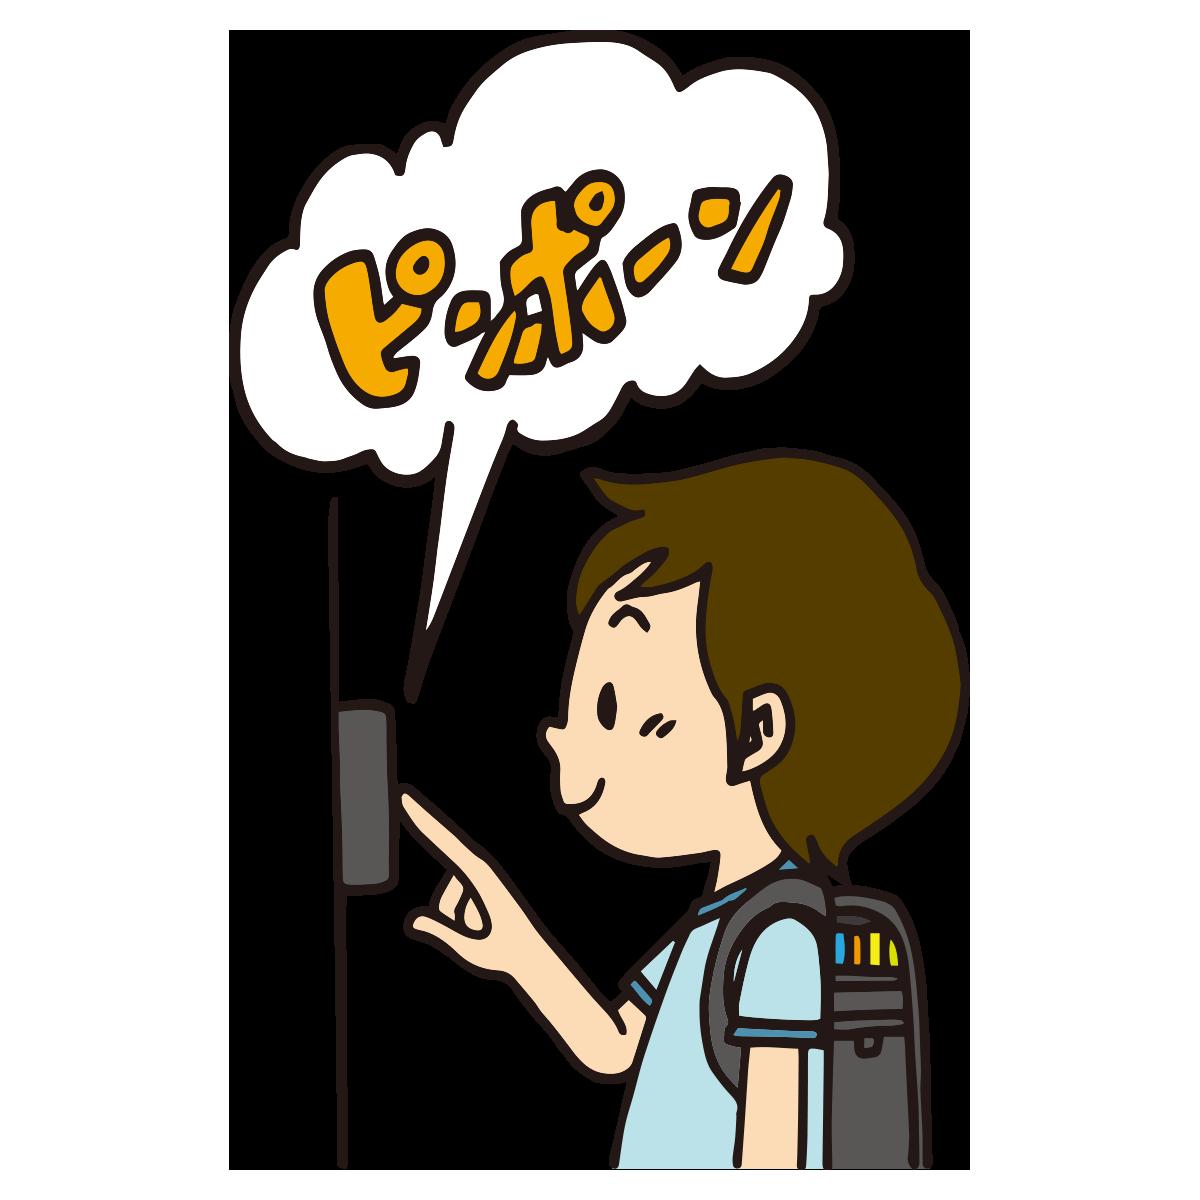 【オノマトペ】ピンポンの意味と例文